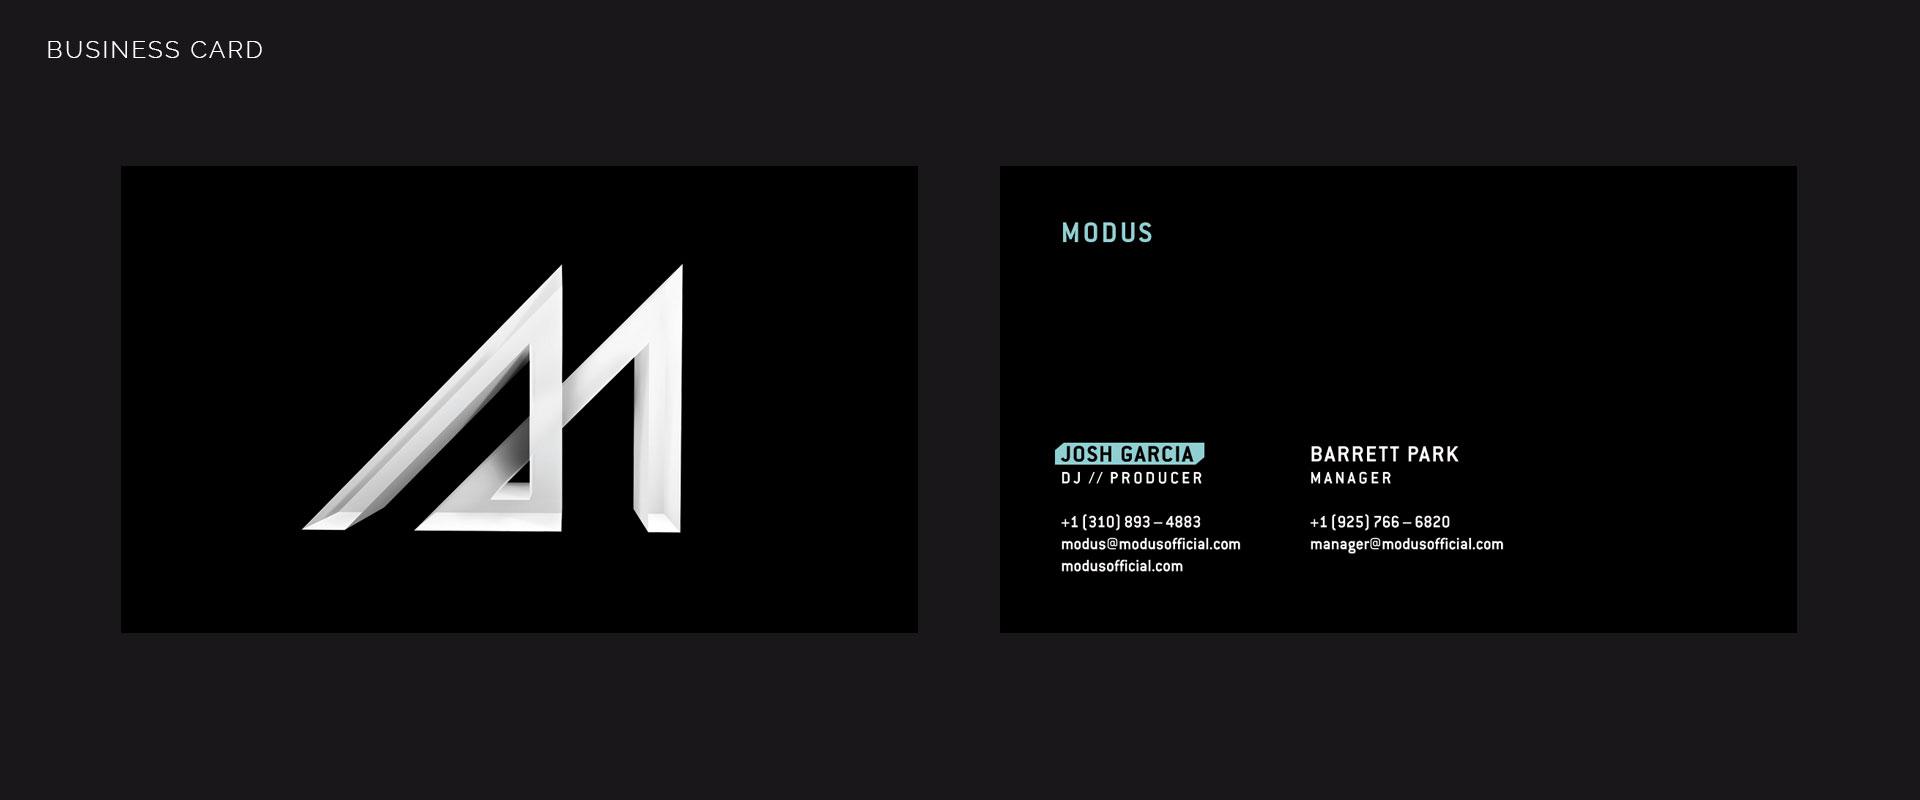 modus_businesscard_01.jpg